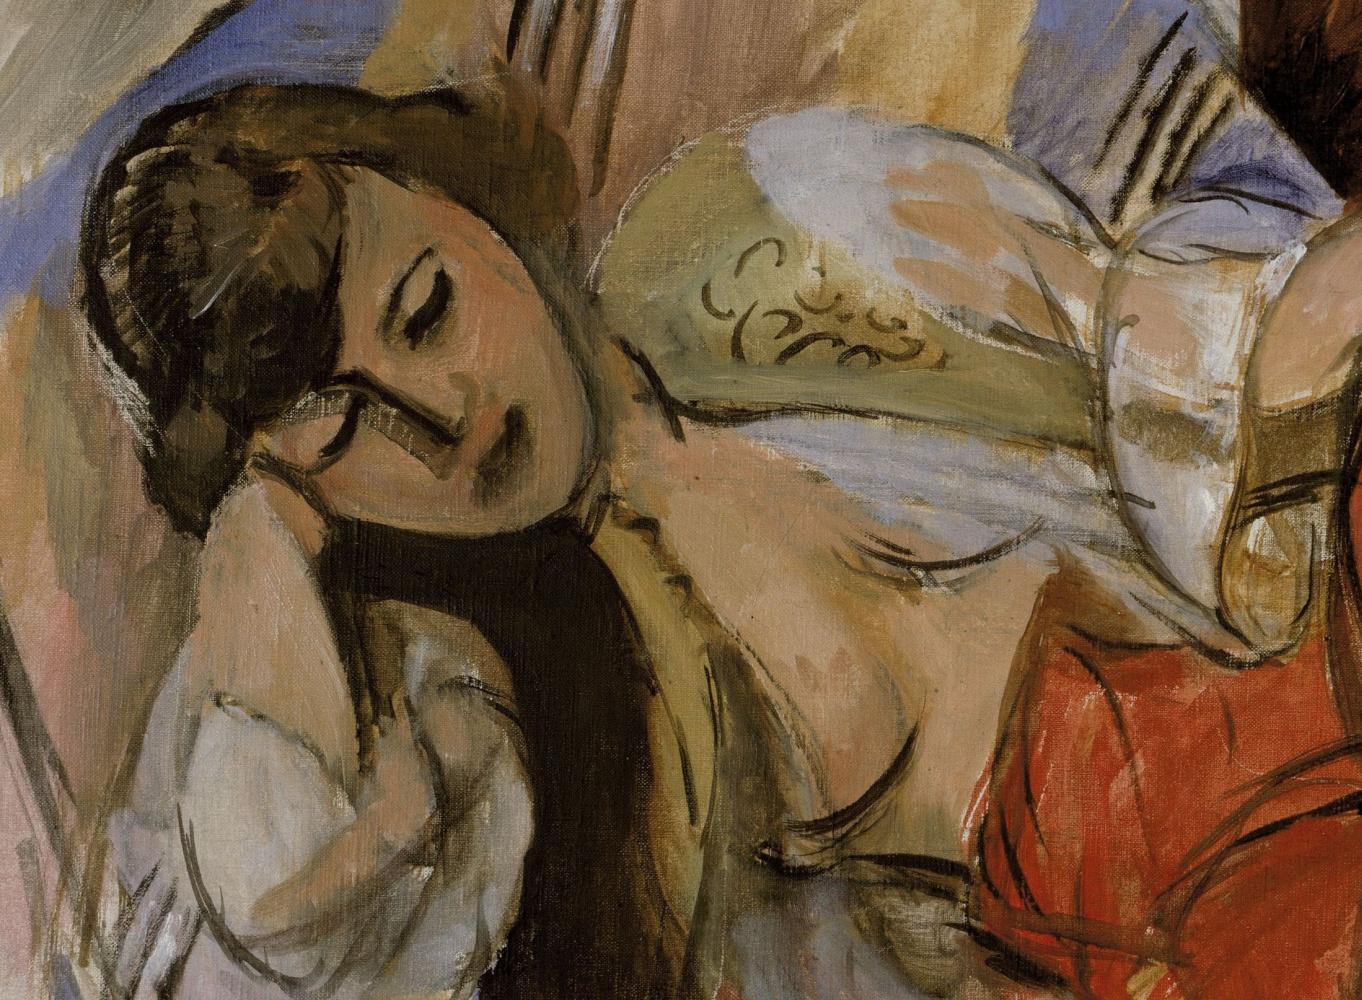 Сотни работ, украденных нацистами, обнаружены в голландских музеях